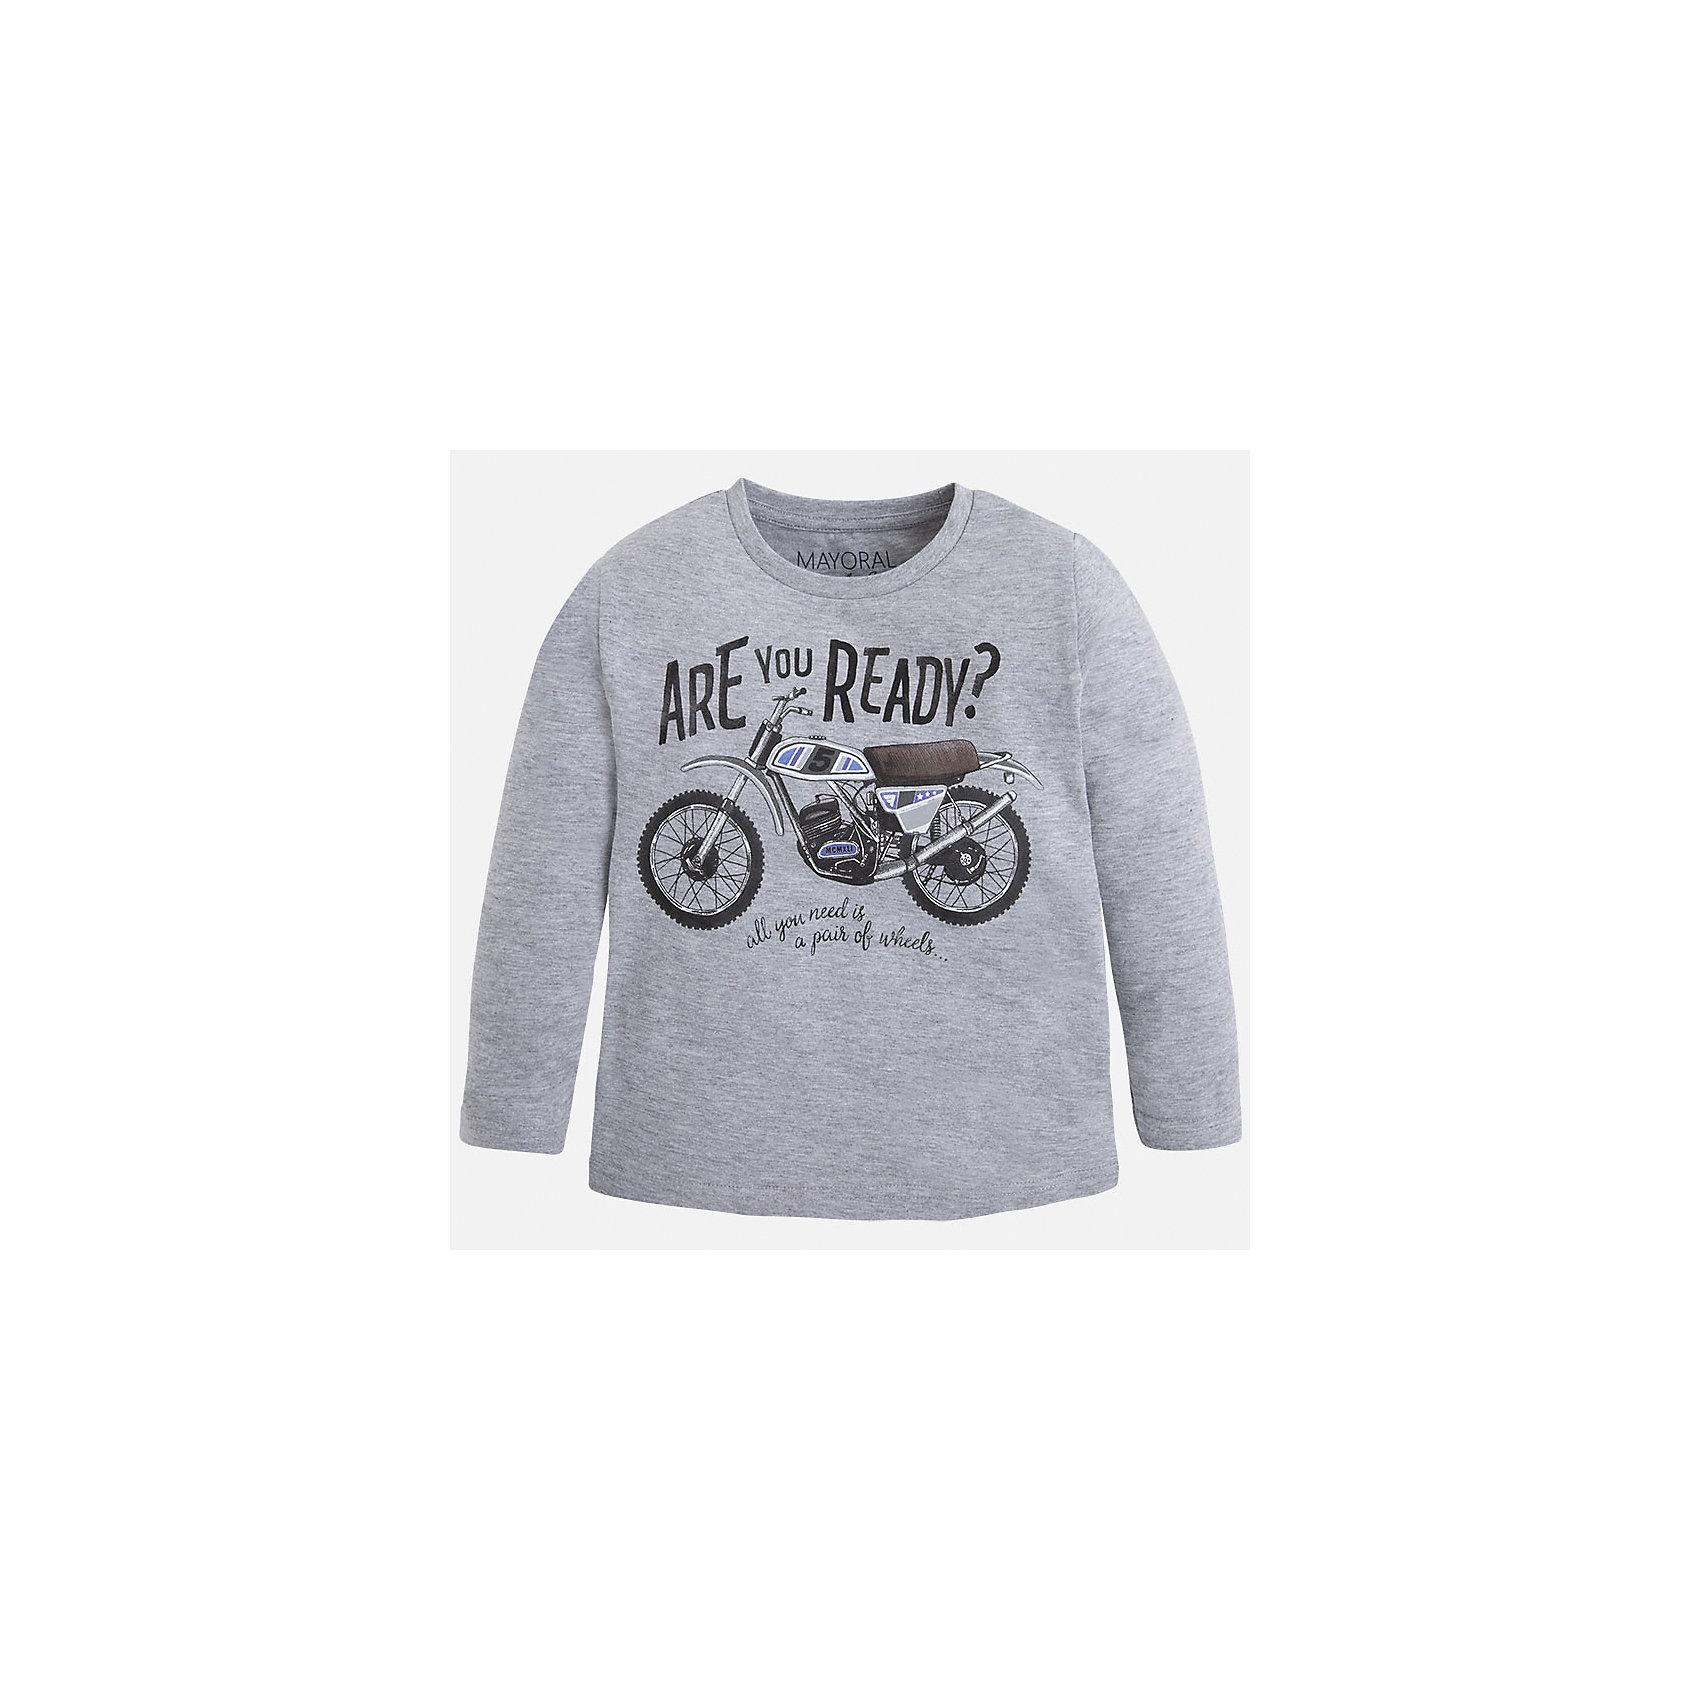 Футболка с длинным рукавом для мальчика MayoralФутболки с длинным рукавом<br>Хлопковая футболка с длинными рукавами - это  базовая вещь в любом гардеробе. Благодаря длинным рукавам и легкому составу, ее можно носить в любое время года, а яркий орнамент, подчеркнет индивидуальный стиль Вашего ребенка!<br><br>Дополнительная информация:<br><br>- Крой: прямой крой.<br>- Страна бренда: Испания.<br>- Состав: хлопок 90%, вискоза 10%.<br>- Цвет: серый.<br>- Уход: бережная стирка при 30 градусах.<br><br>Купить футболку с длинным рукавом для мальчика, от  Mayoral, можно в нашем магазине.<br><br>Ширина мм: 230<br>Глубина мм: 40<br>Высота мм: 220<br>Вес г: 250<br>Цвет: серый<br>Возраст от месяцев: 18<br>Возраст до месяцев: 24<br>Пол: Мужской<br>Возраст: Детский<br>Размер: 92,116,134,128,110,98,122,104<br>SKU: 4821845